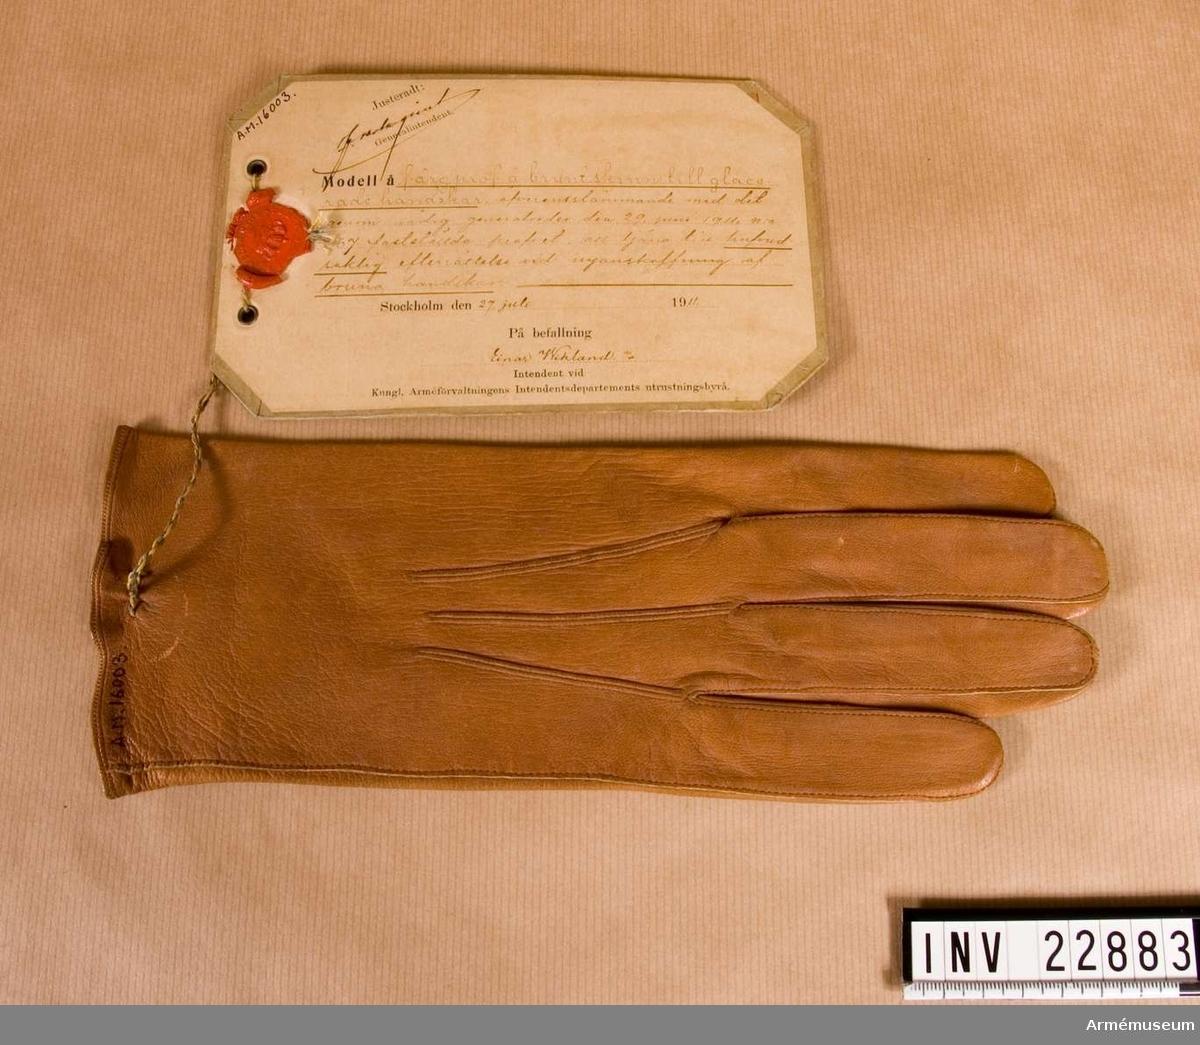 Grupp C I. Färgprov m/1911 på brunt skinn, högerhandske, till glacerade handskar att tjäna till huvudsaklig efterrättelse vid anskaffning av bruna handskar, I 9.